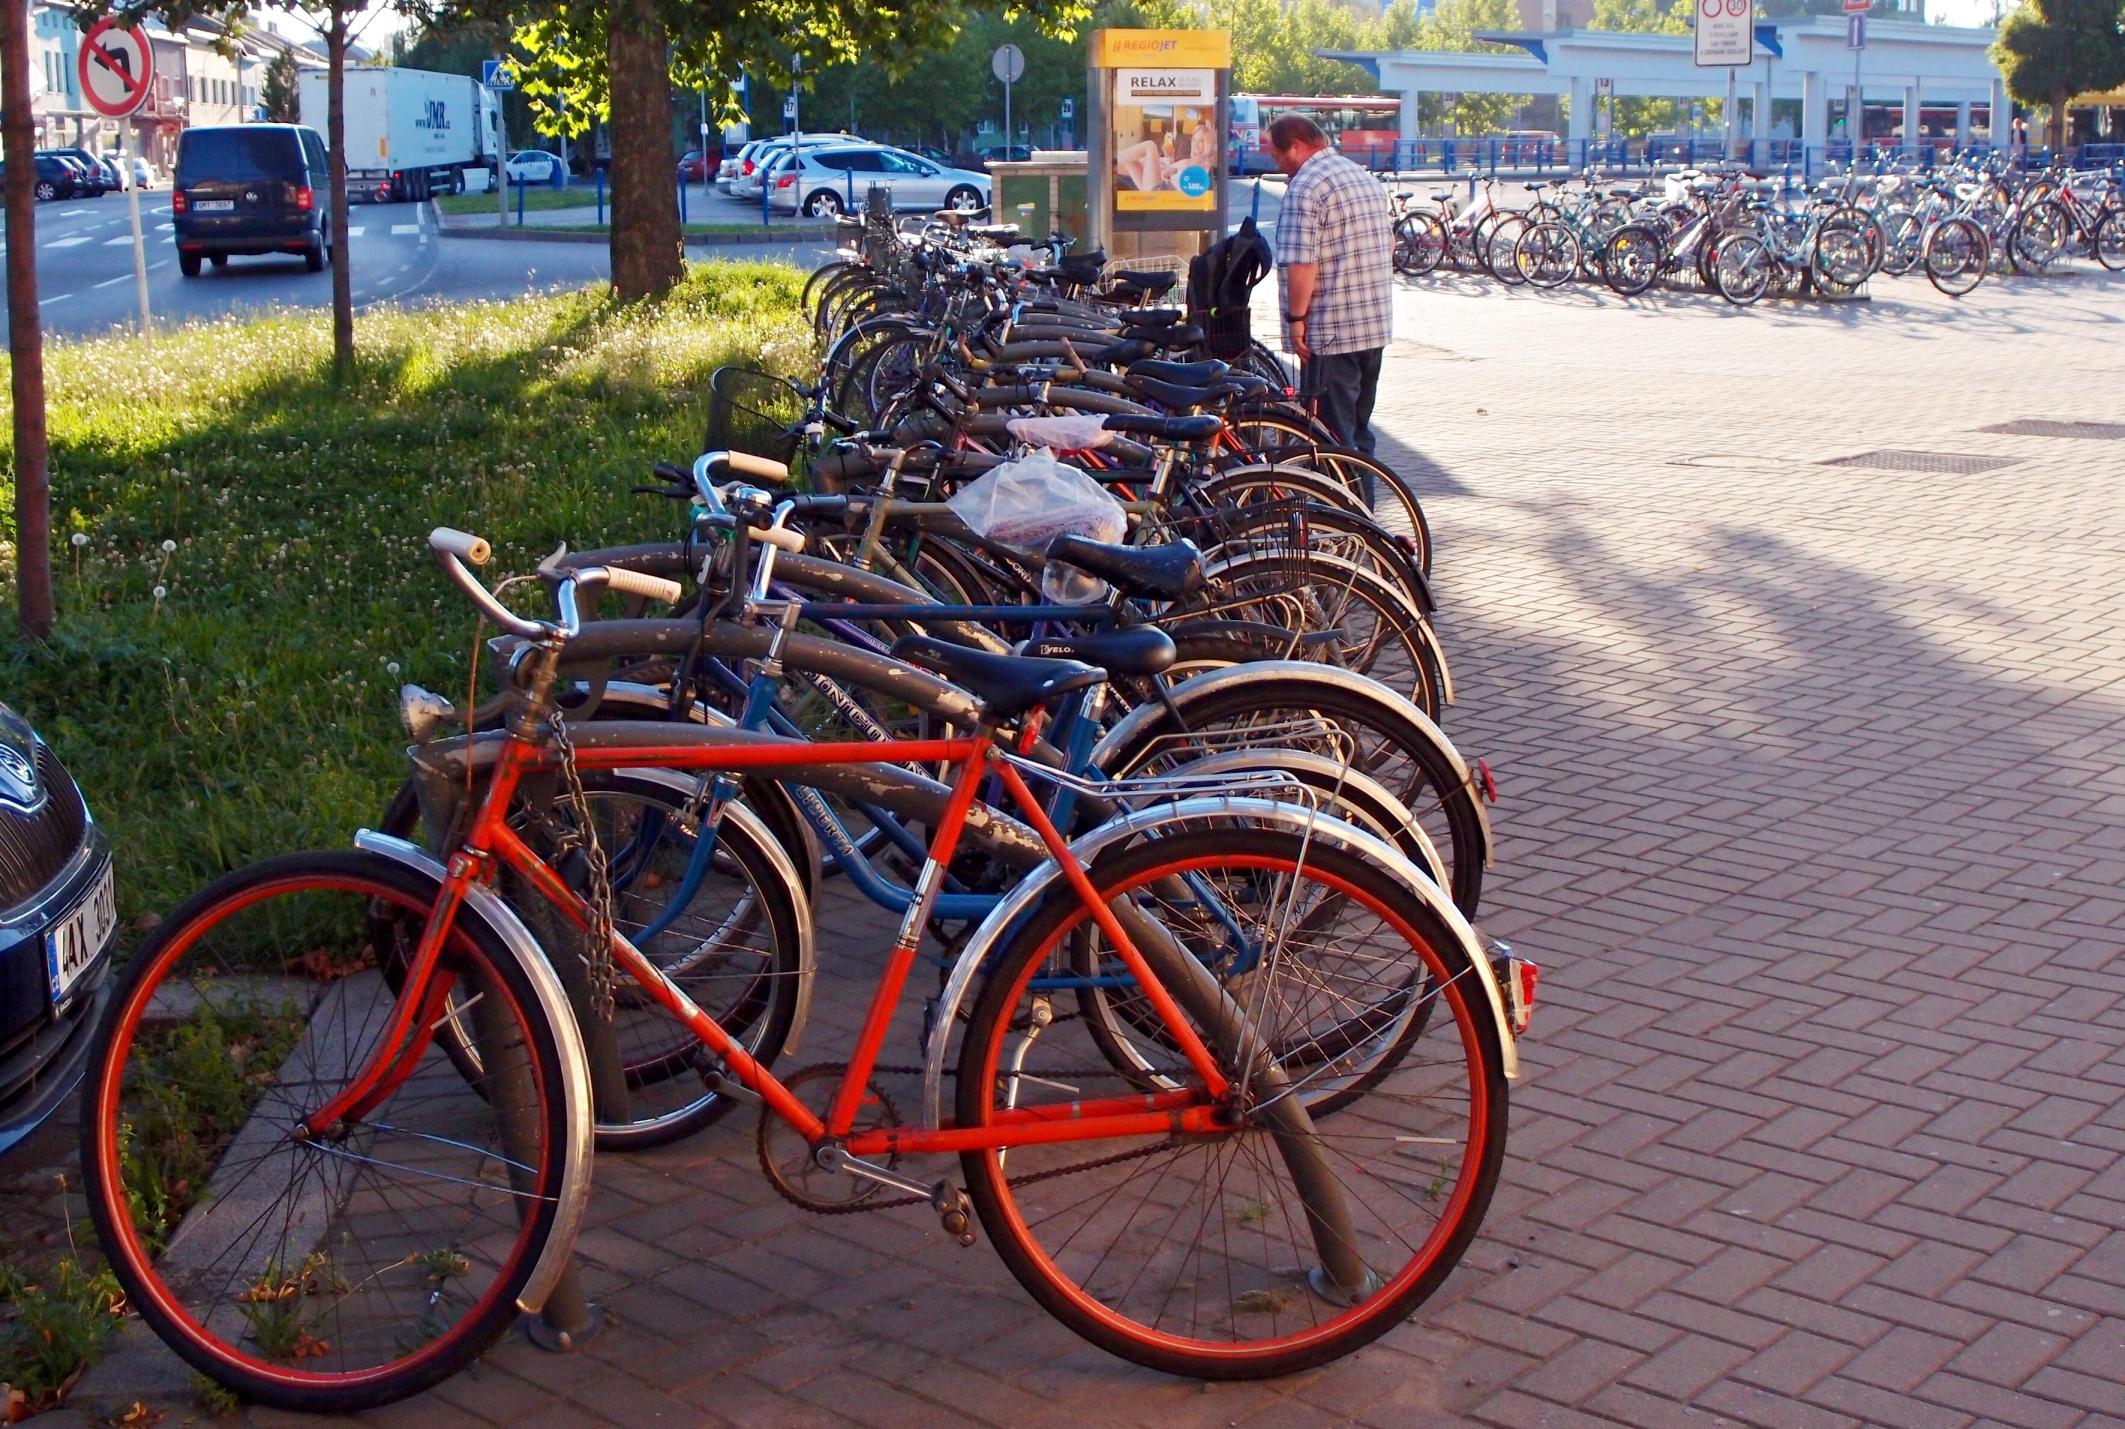 Stojany na kola před nádražím zmizí, s nimi i opuštěné cyklovraky